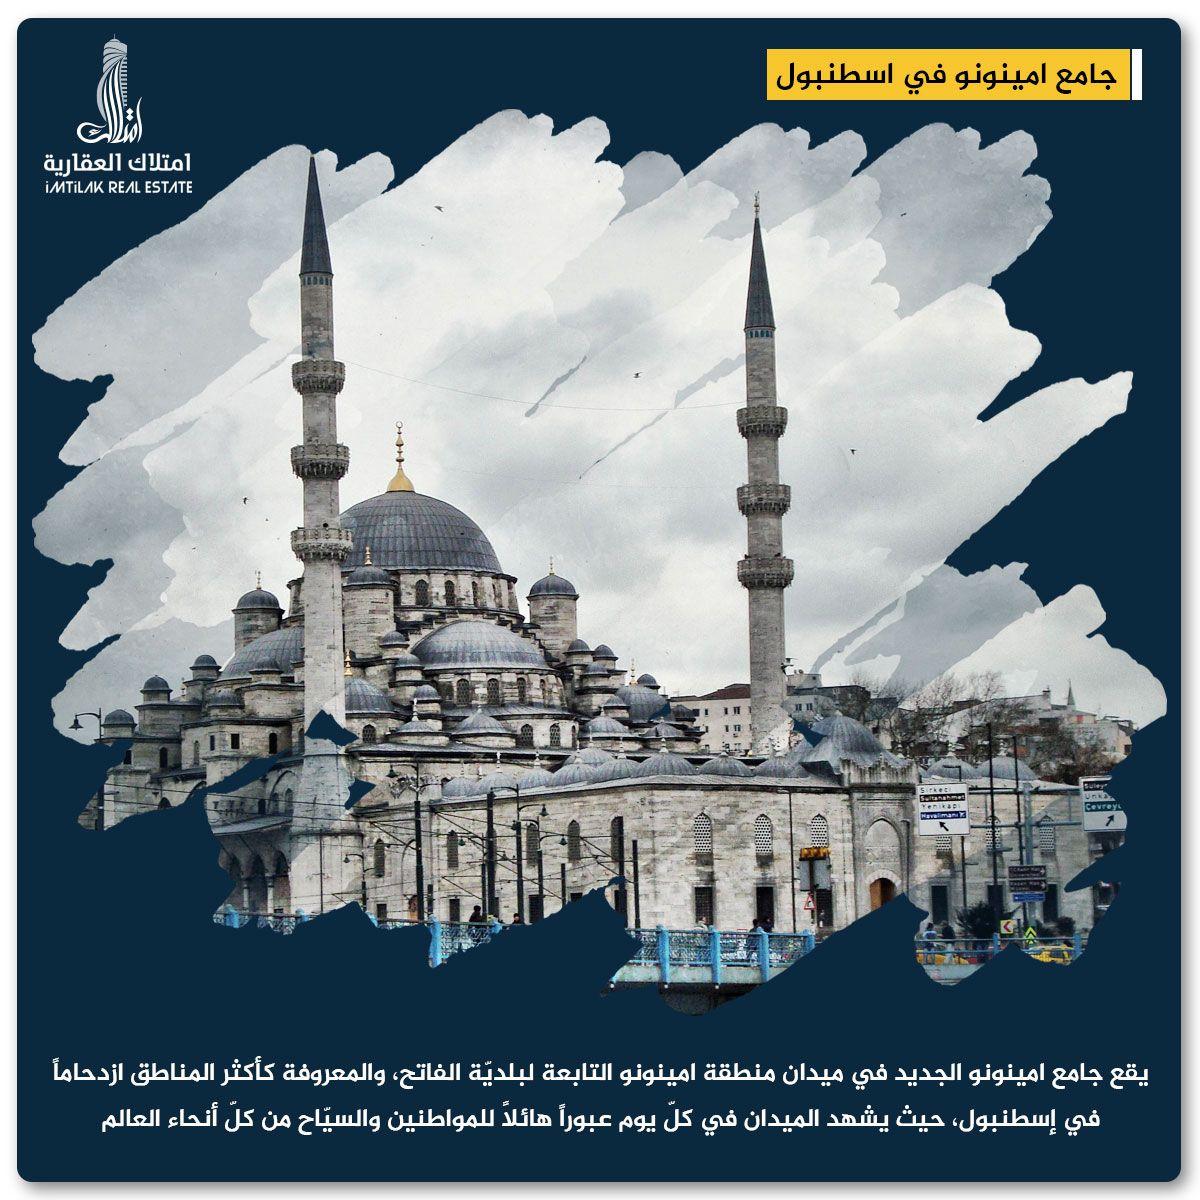 تعرف على جامع امينونو الجديد في اسطنبول Mosque Taj Mahal Landmarks